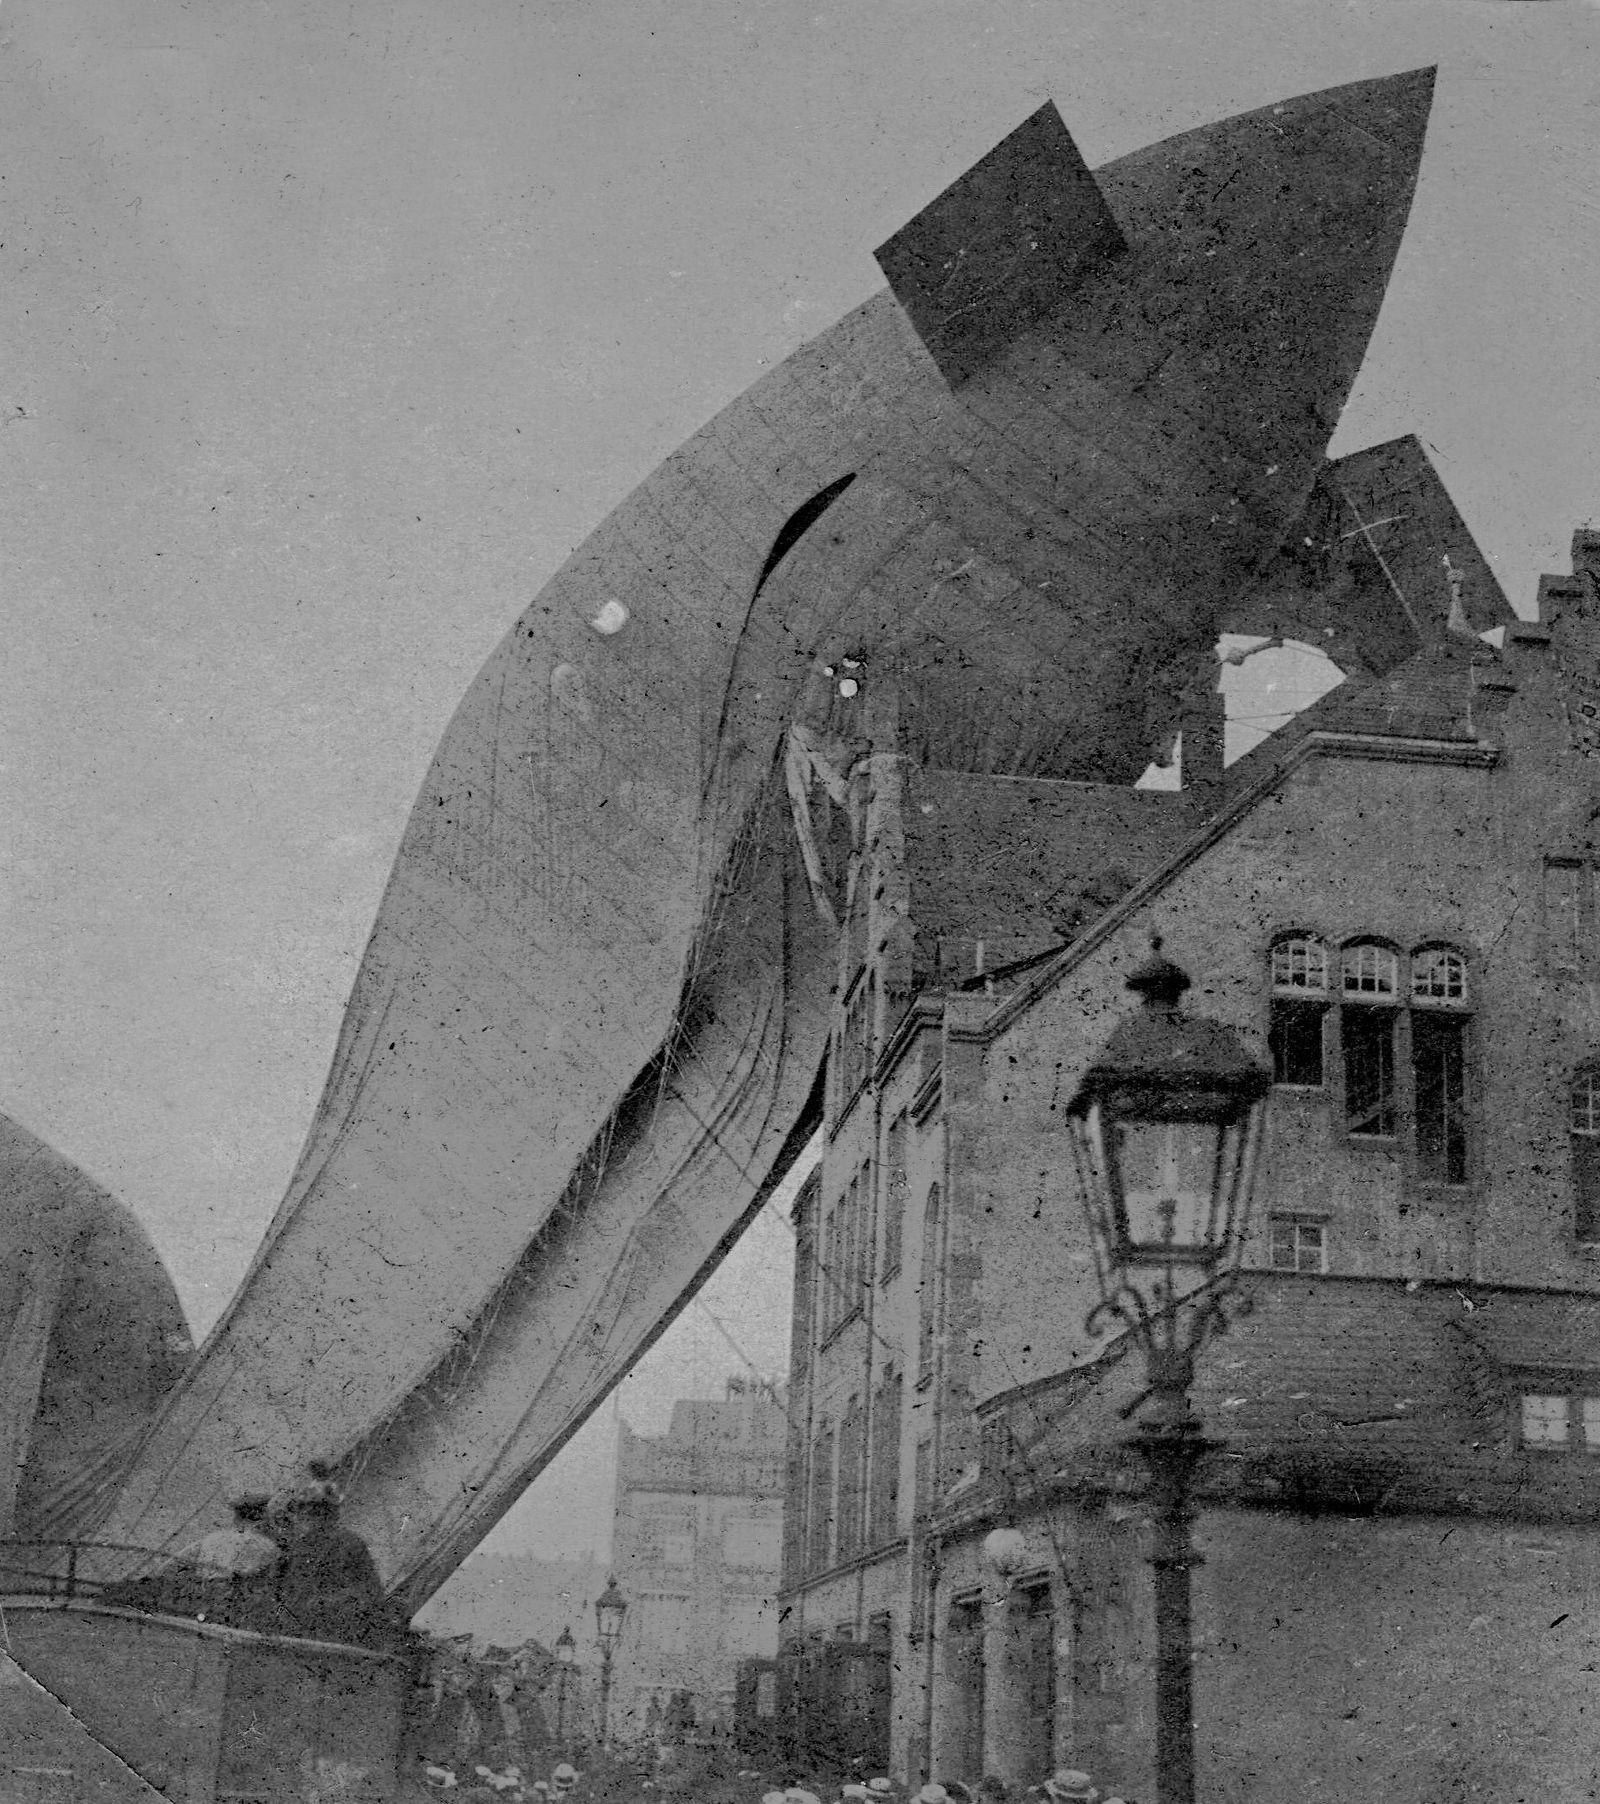 Absturz des Prallluftschiffs 'Parseval', 1909